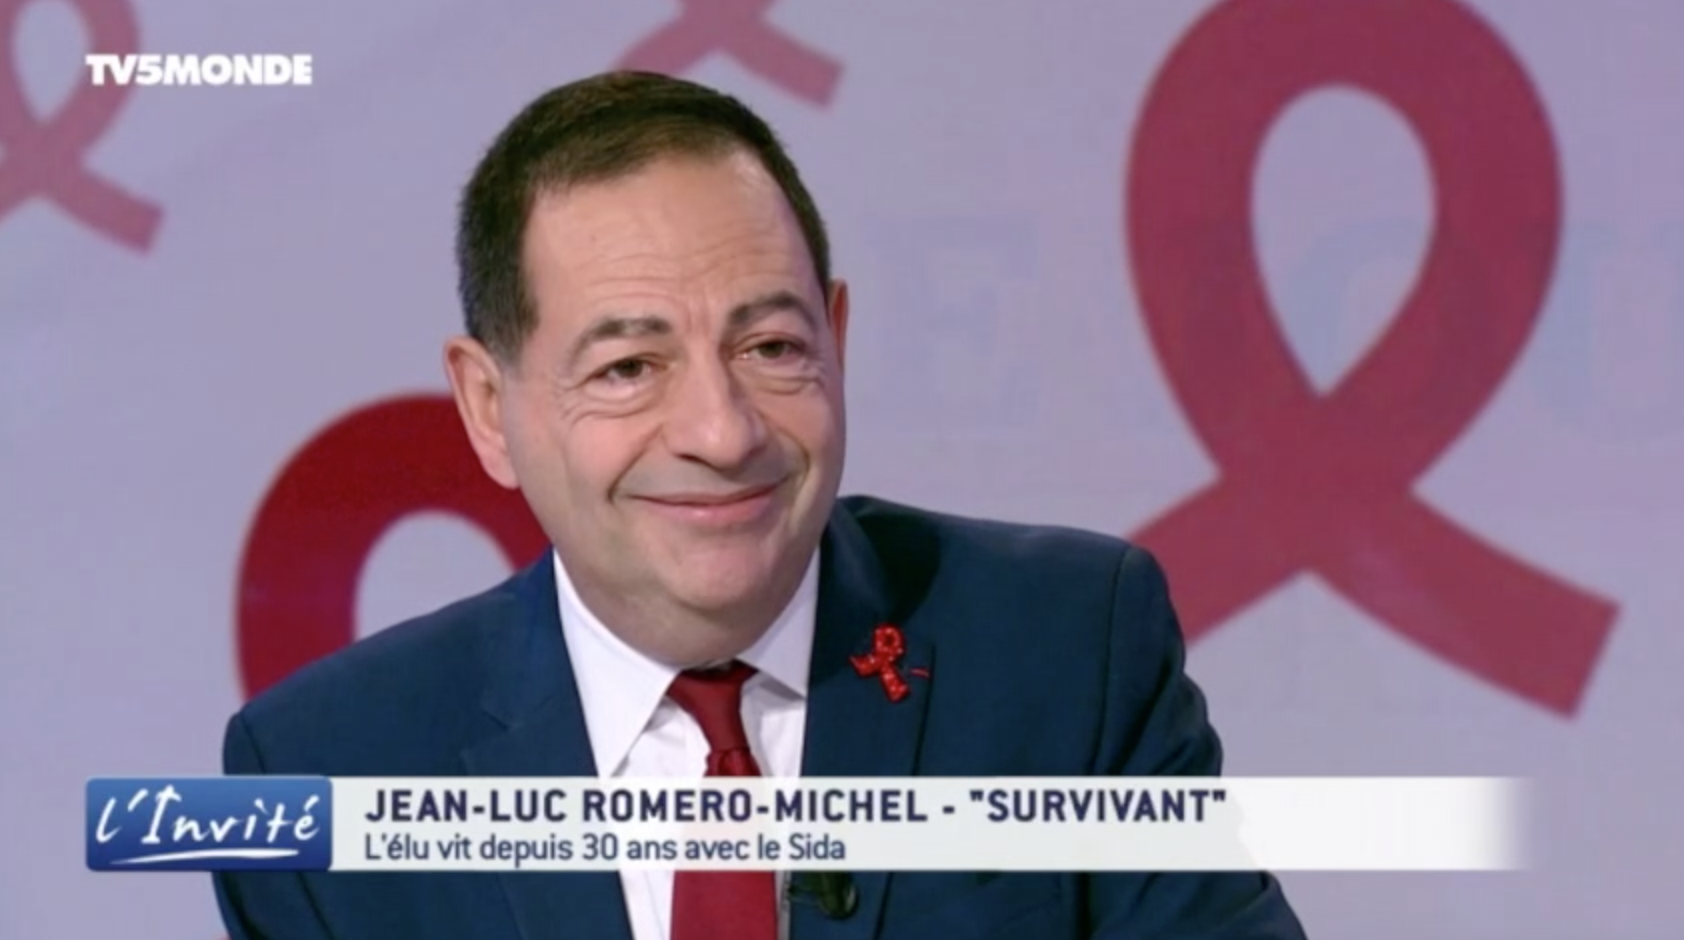 """VIDEO """"Des gens meurent encore du sida dans le monde"""" Jean-Luc Romero-Michel sur TV5 Monde"""